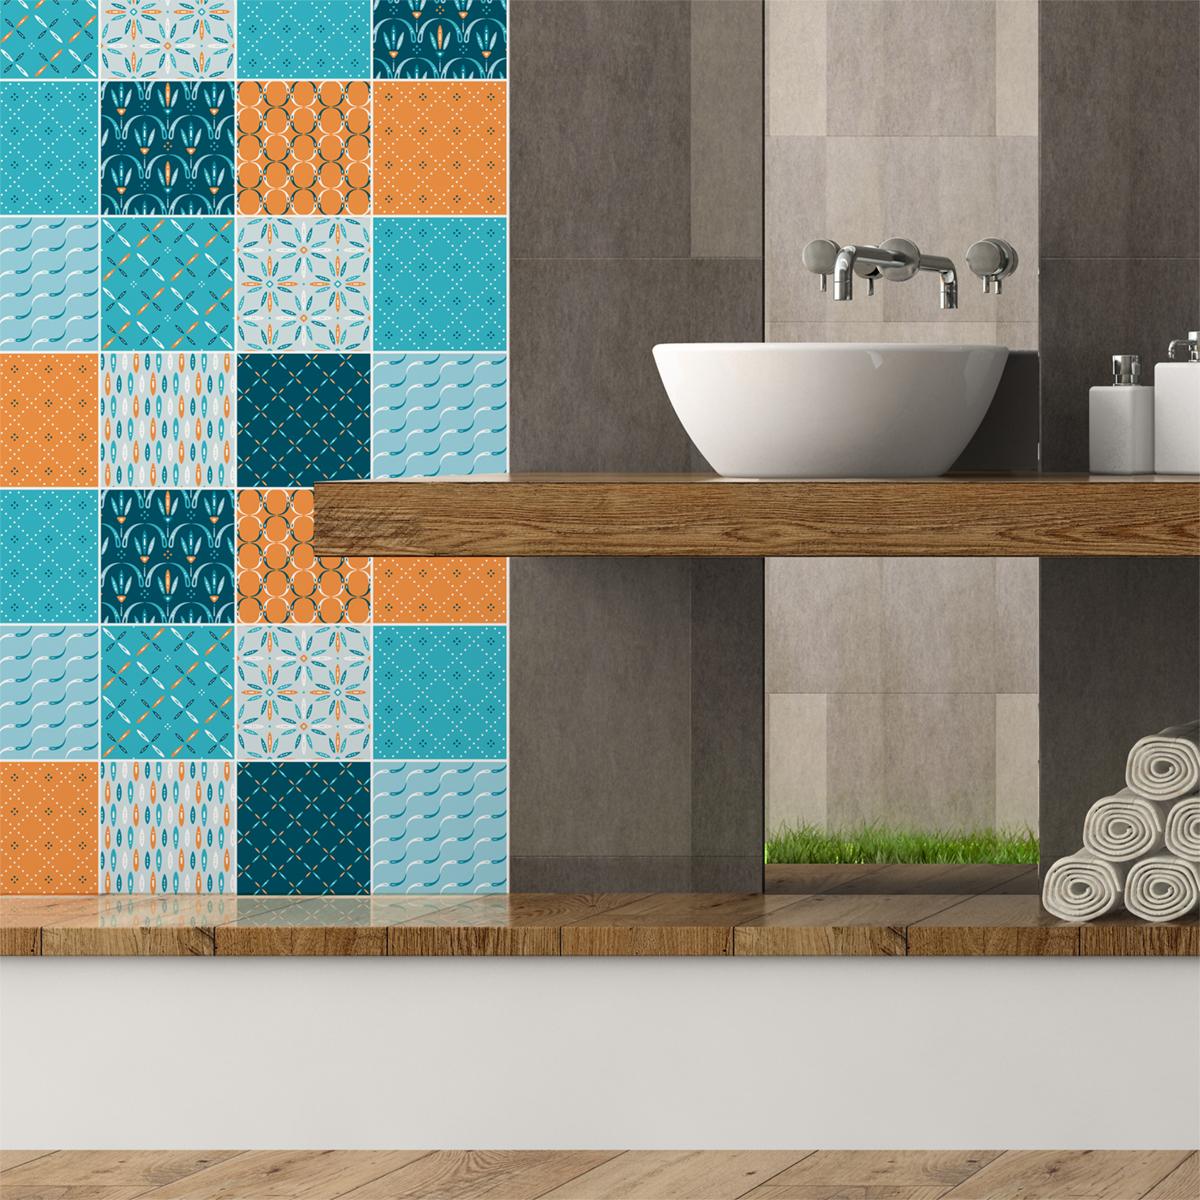 9 stickers carrelages scandinave minsk salle de bain et wc salle de bain ambiance sticker. Black Bedroom Furniture Sets. Home Design Ideas